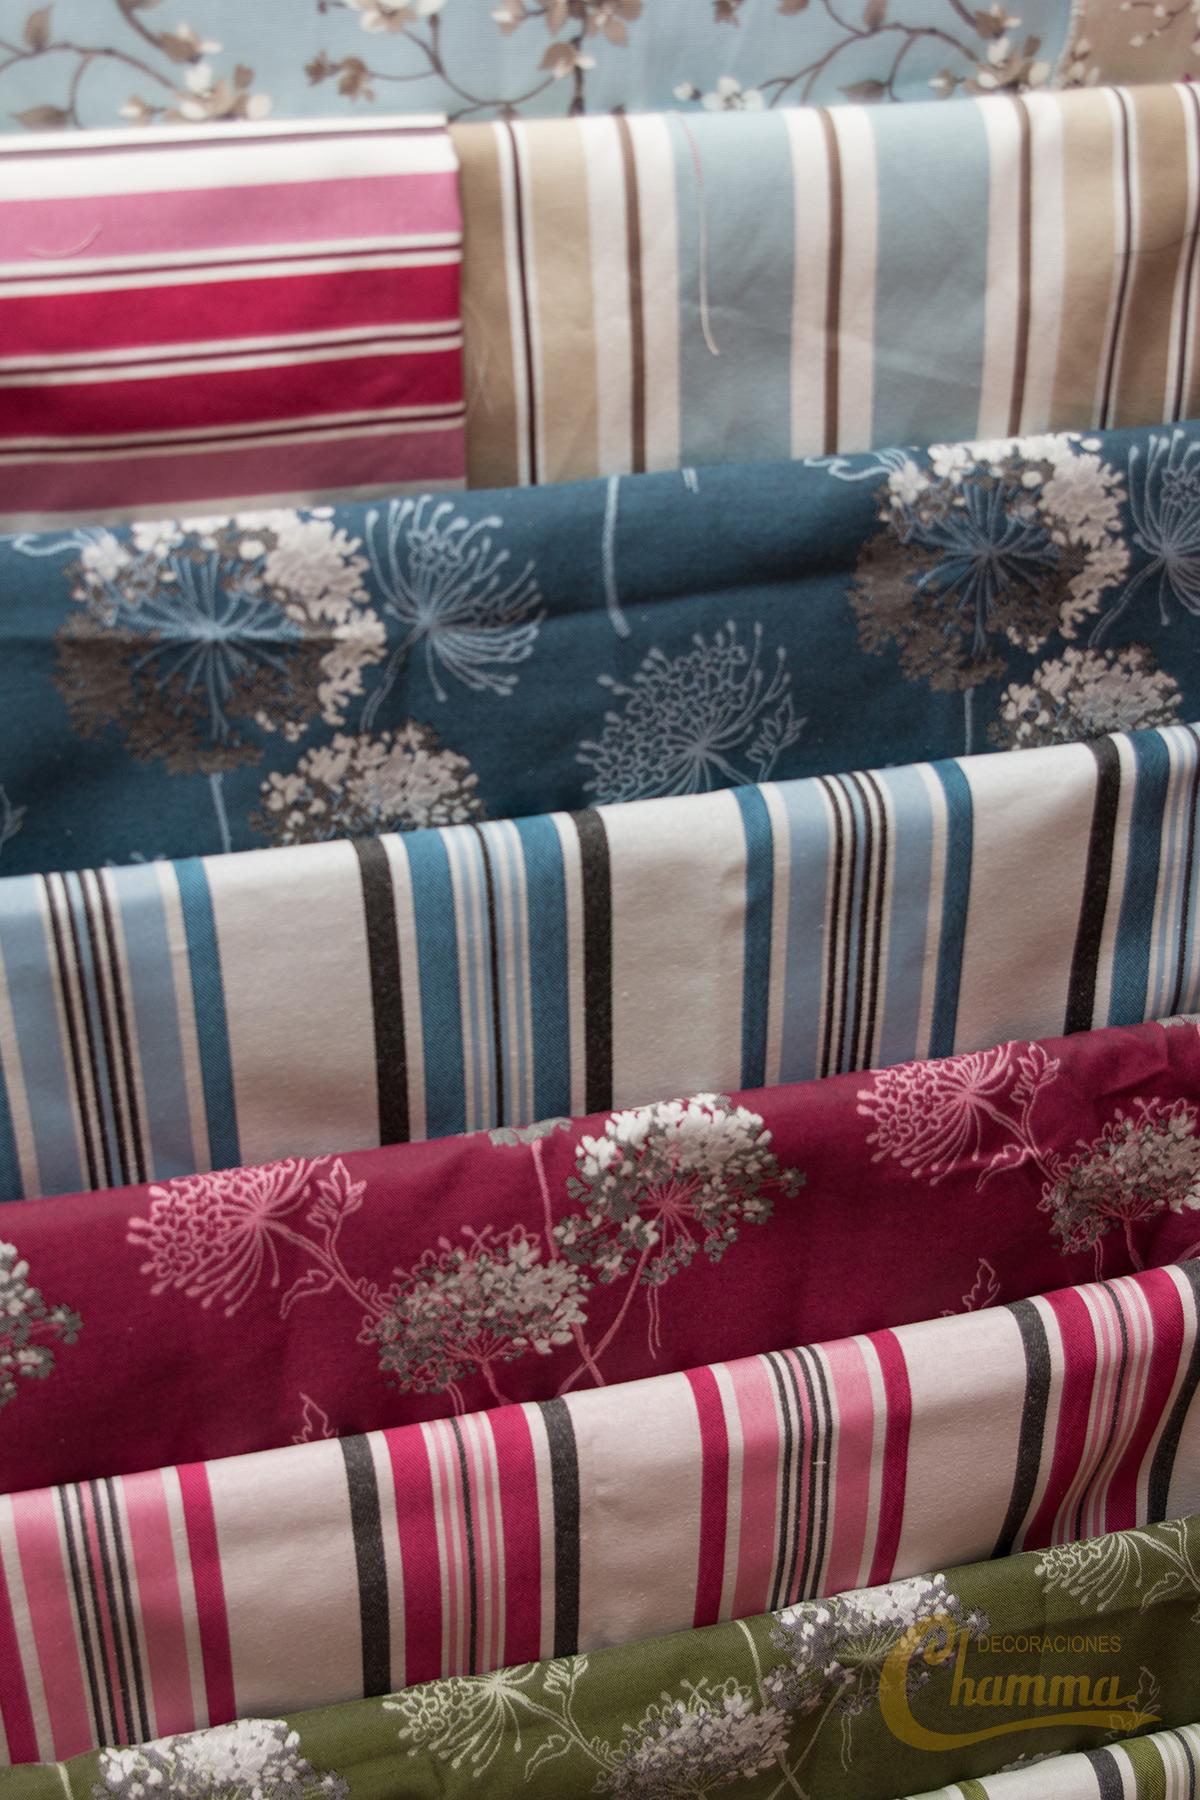 Tela para tapizar sofa cheap silln descalzador tapizado - Tela para tapizar sofa ...